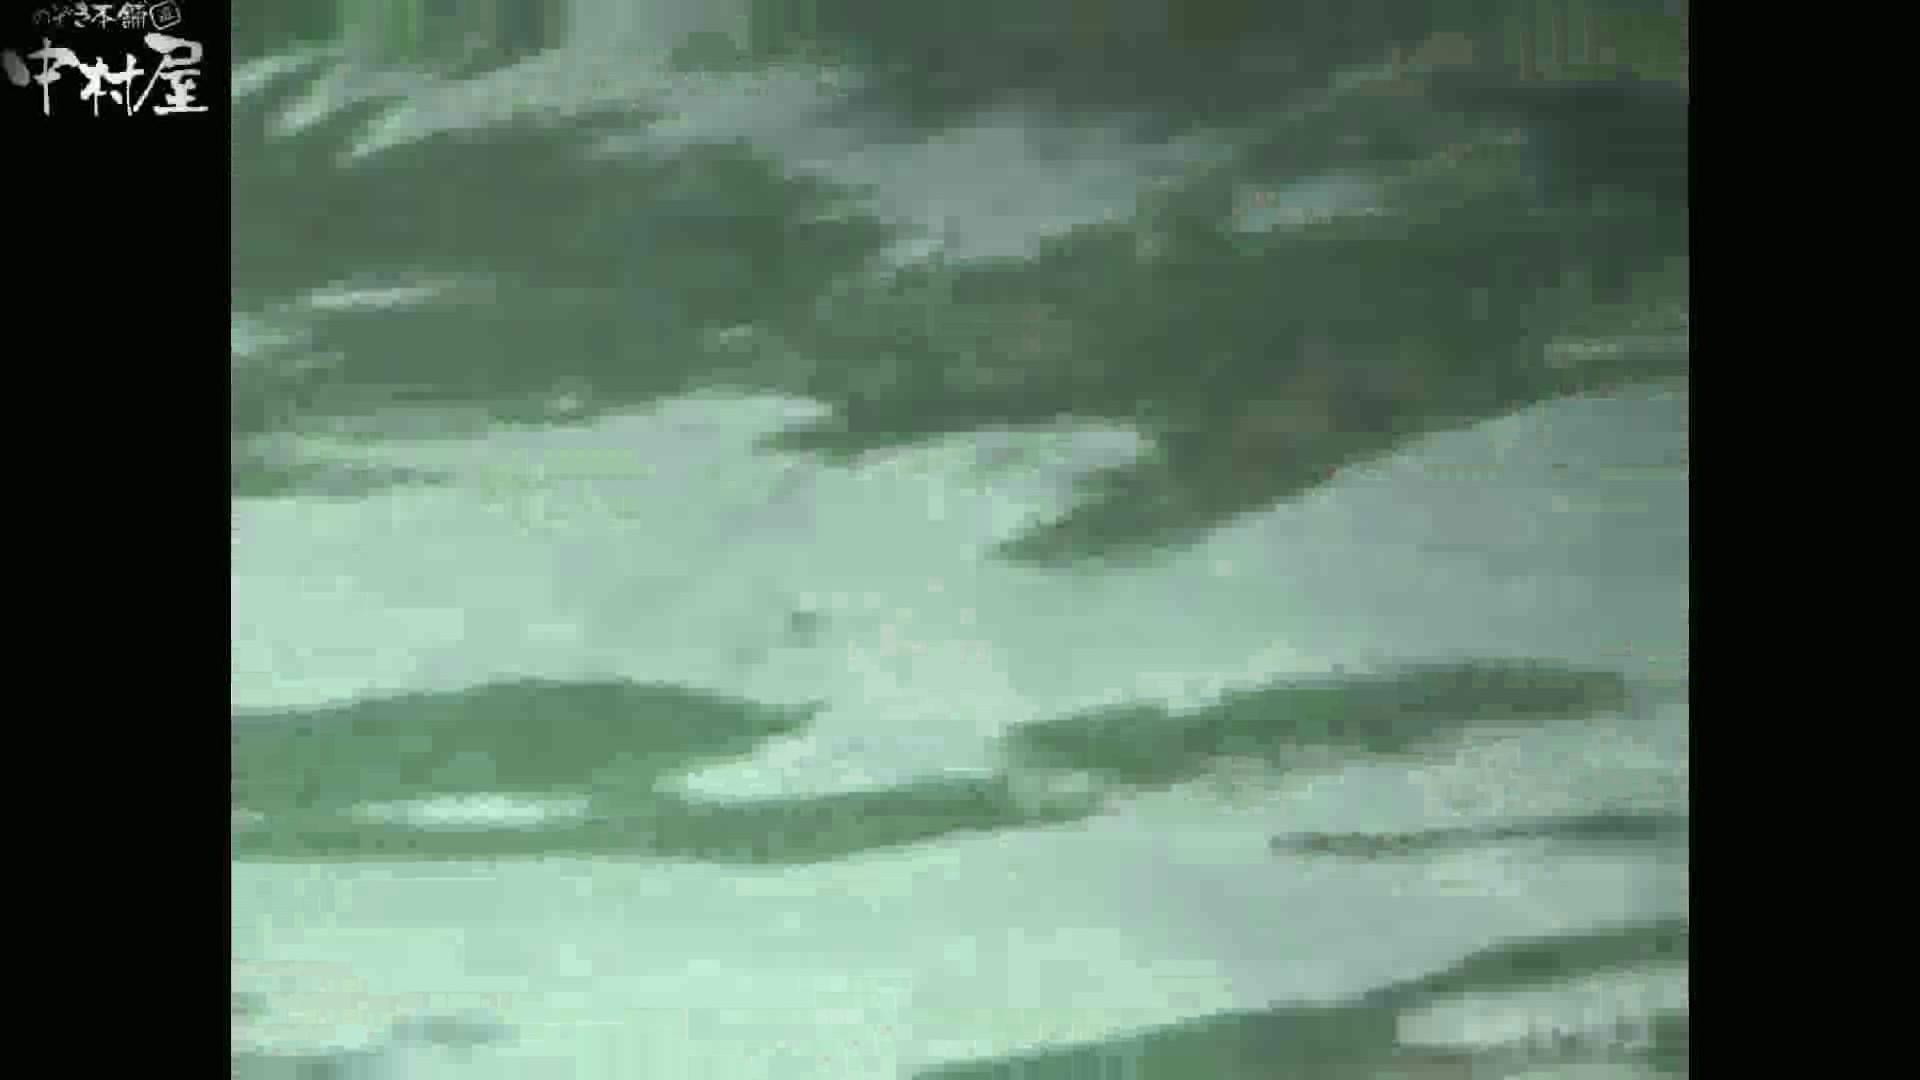 Aquaな露天風呂Vol.867潜入盗撮露天風呂参判湯 其の二 OLセックス | 盗撮  58画像 37